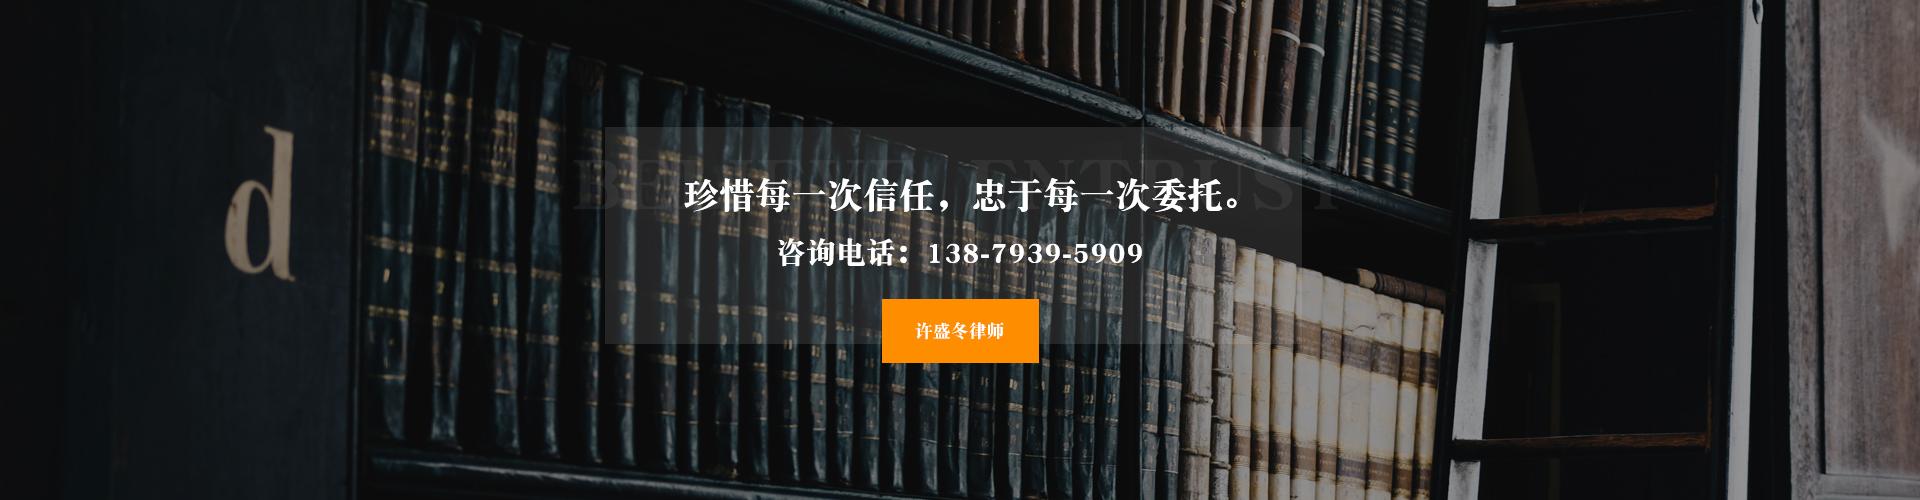 许盛冬律师